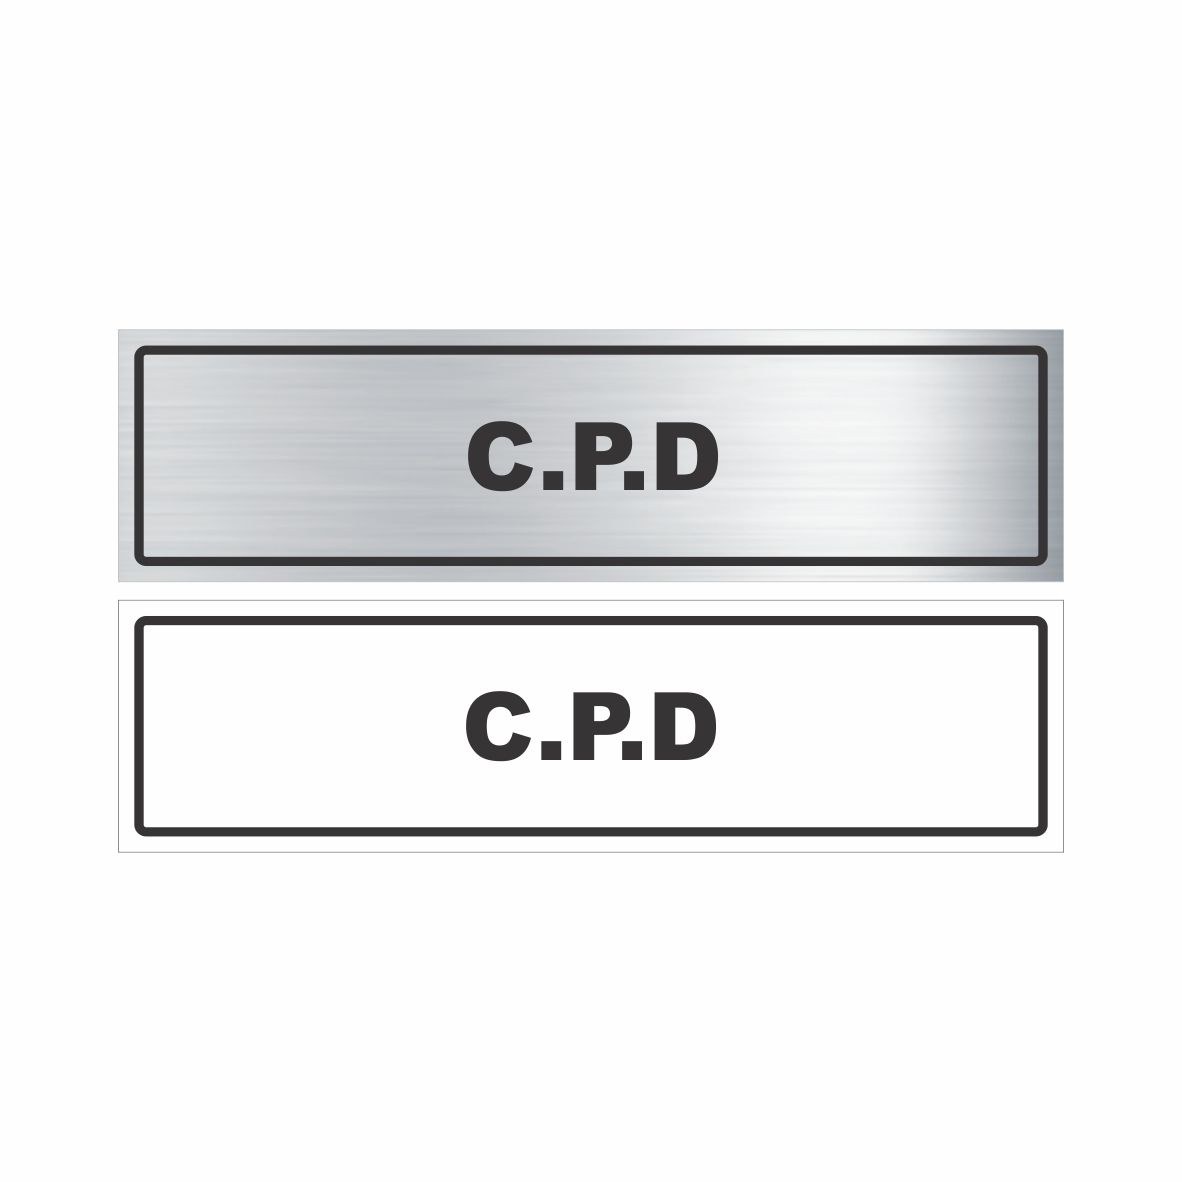 C.P.D.  - Towbar Sinalização de Segurança